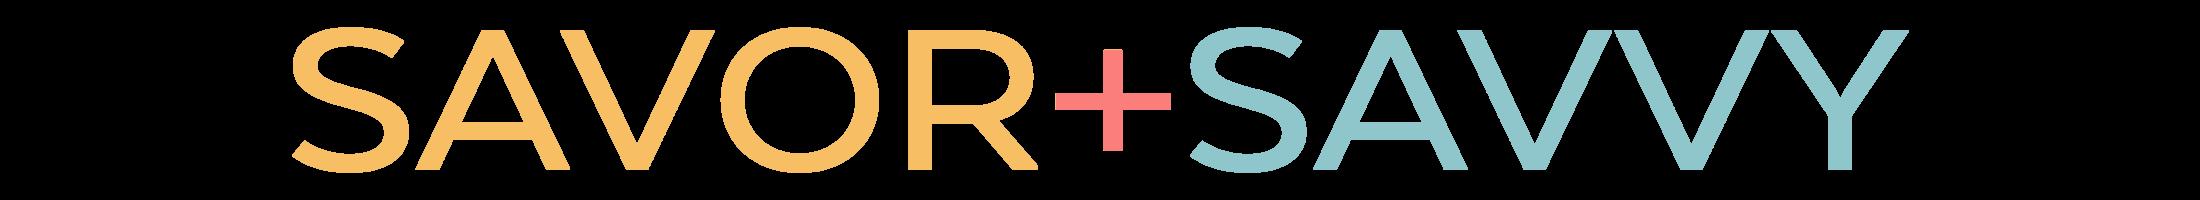 Savor and Savvy Logo